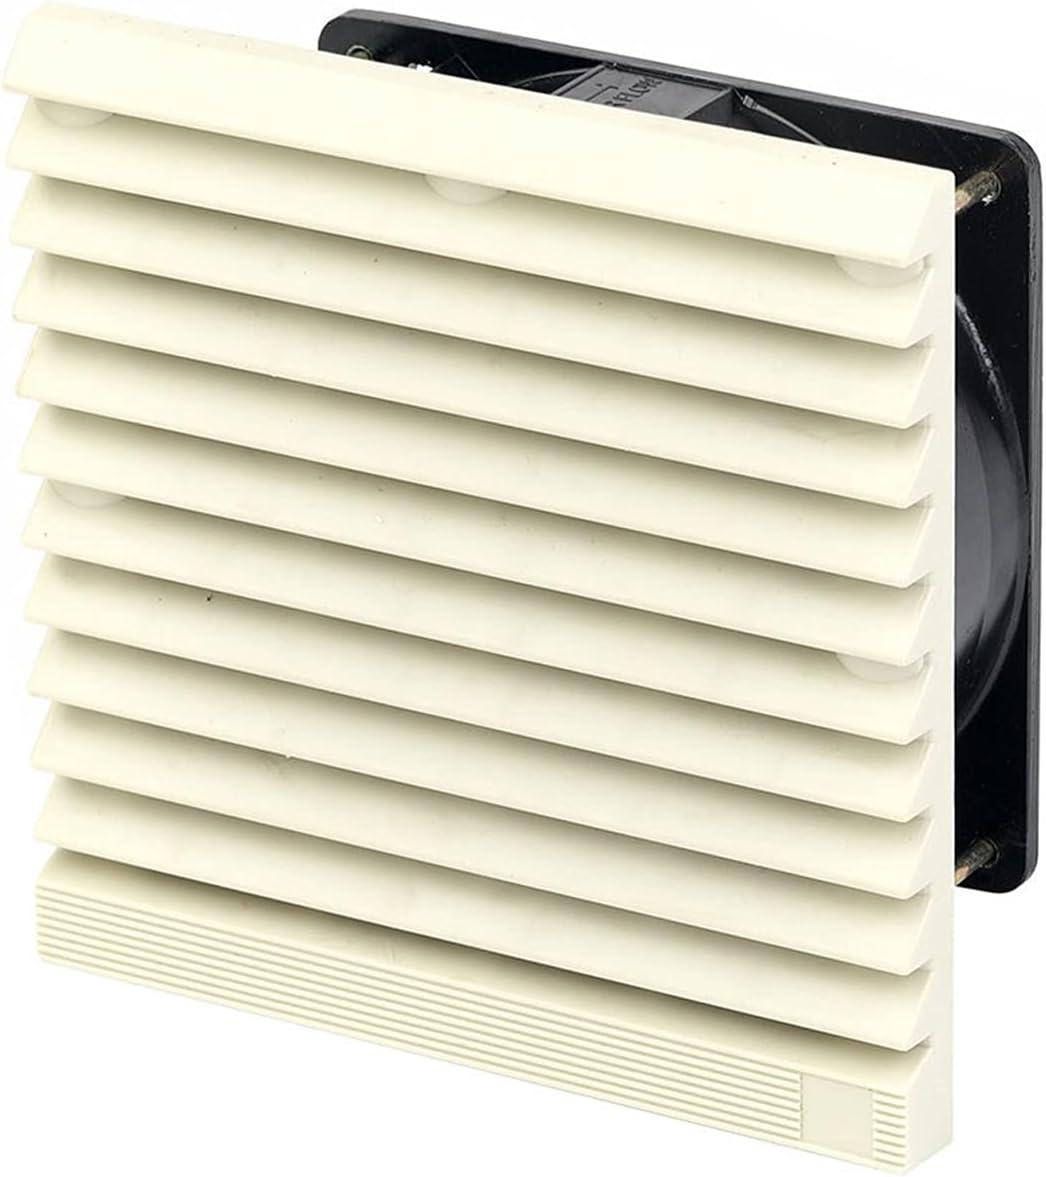 Ventilador Extractor 204 * 20 4MM Obturador de escape del ventilador eléctrico del ventilador del gabinete filtro de ventilación Persianas cubierta a prueba de agua de escape Rejilla Las rejillas del